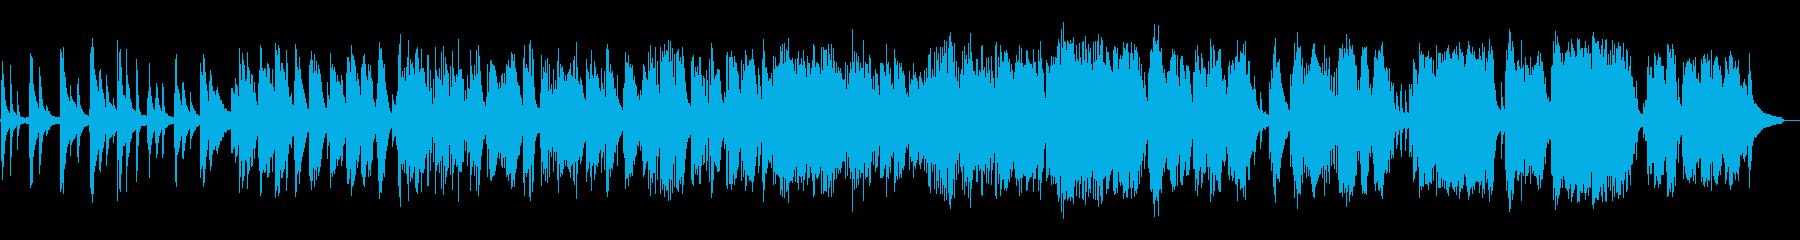 静かなピアノの再生済みの波形